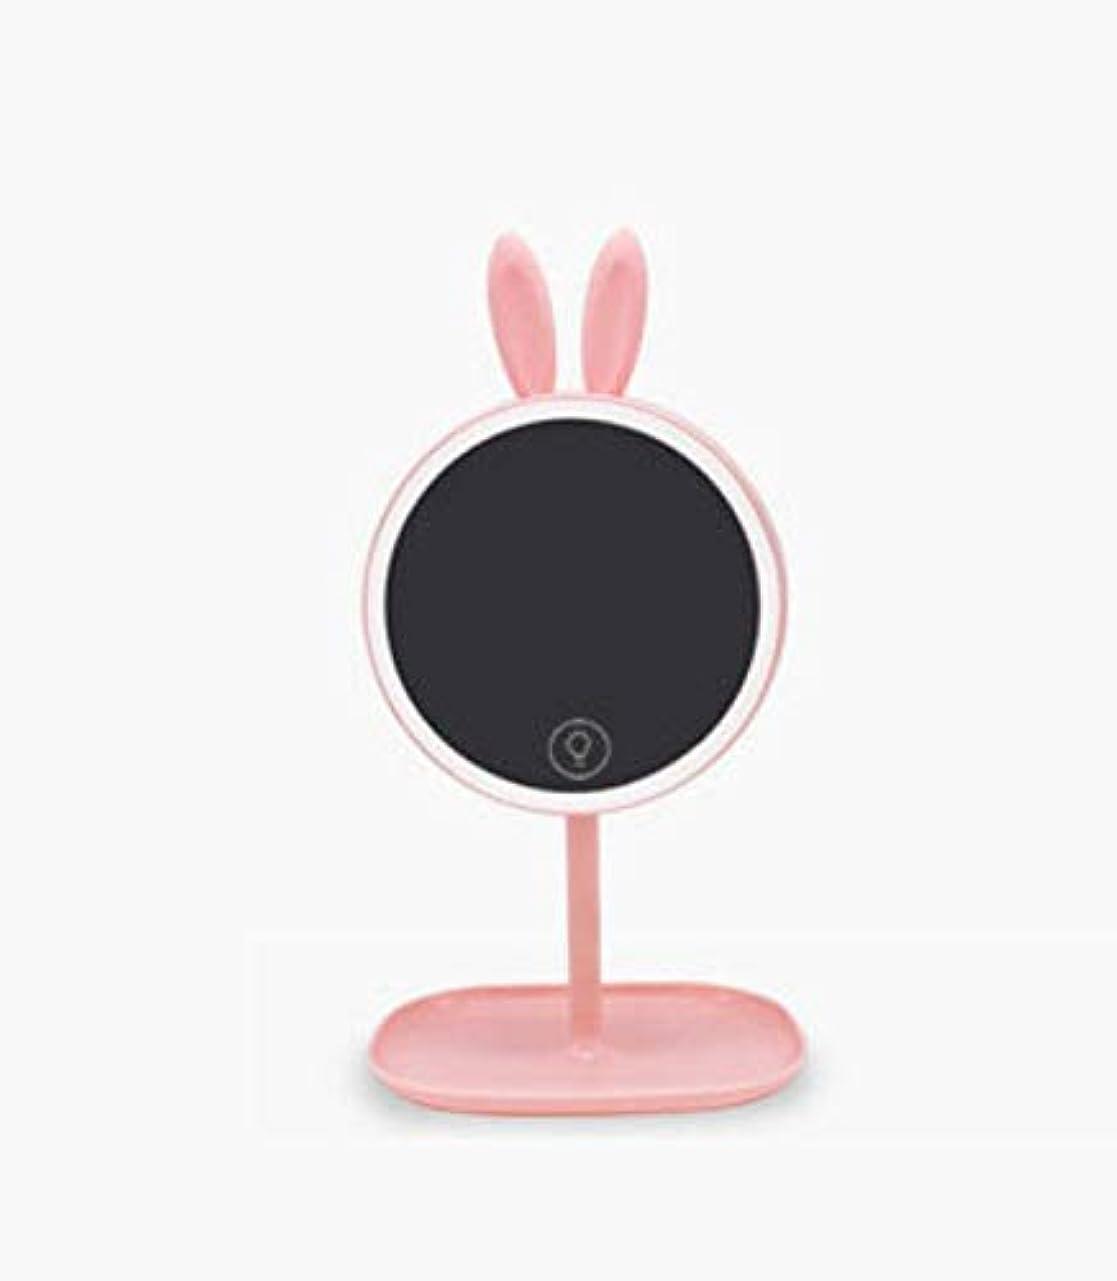 不安定な手書きラブ化粧鏡、かわいい軽い耳の化粧鏡テーブルランプ付きLedライト化粧ギフト (Color : ピンク)